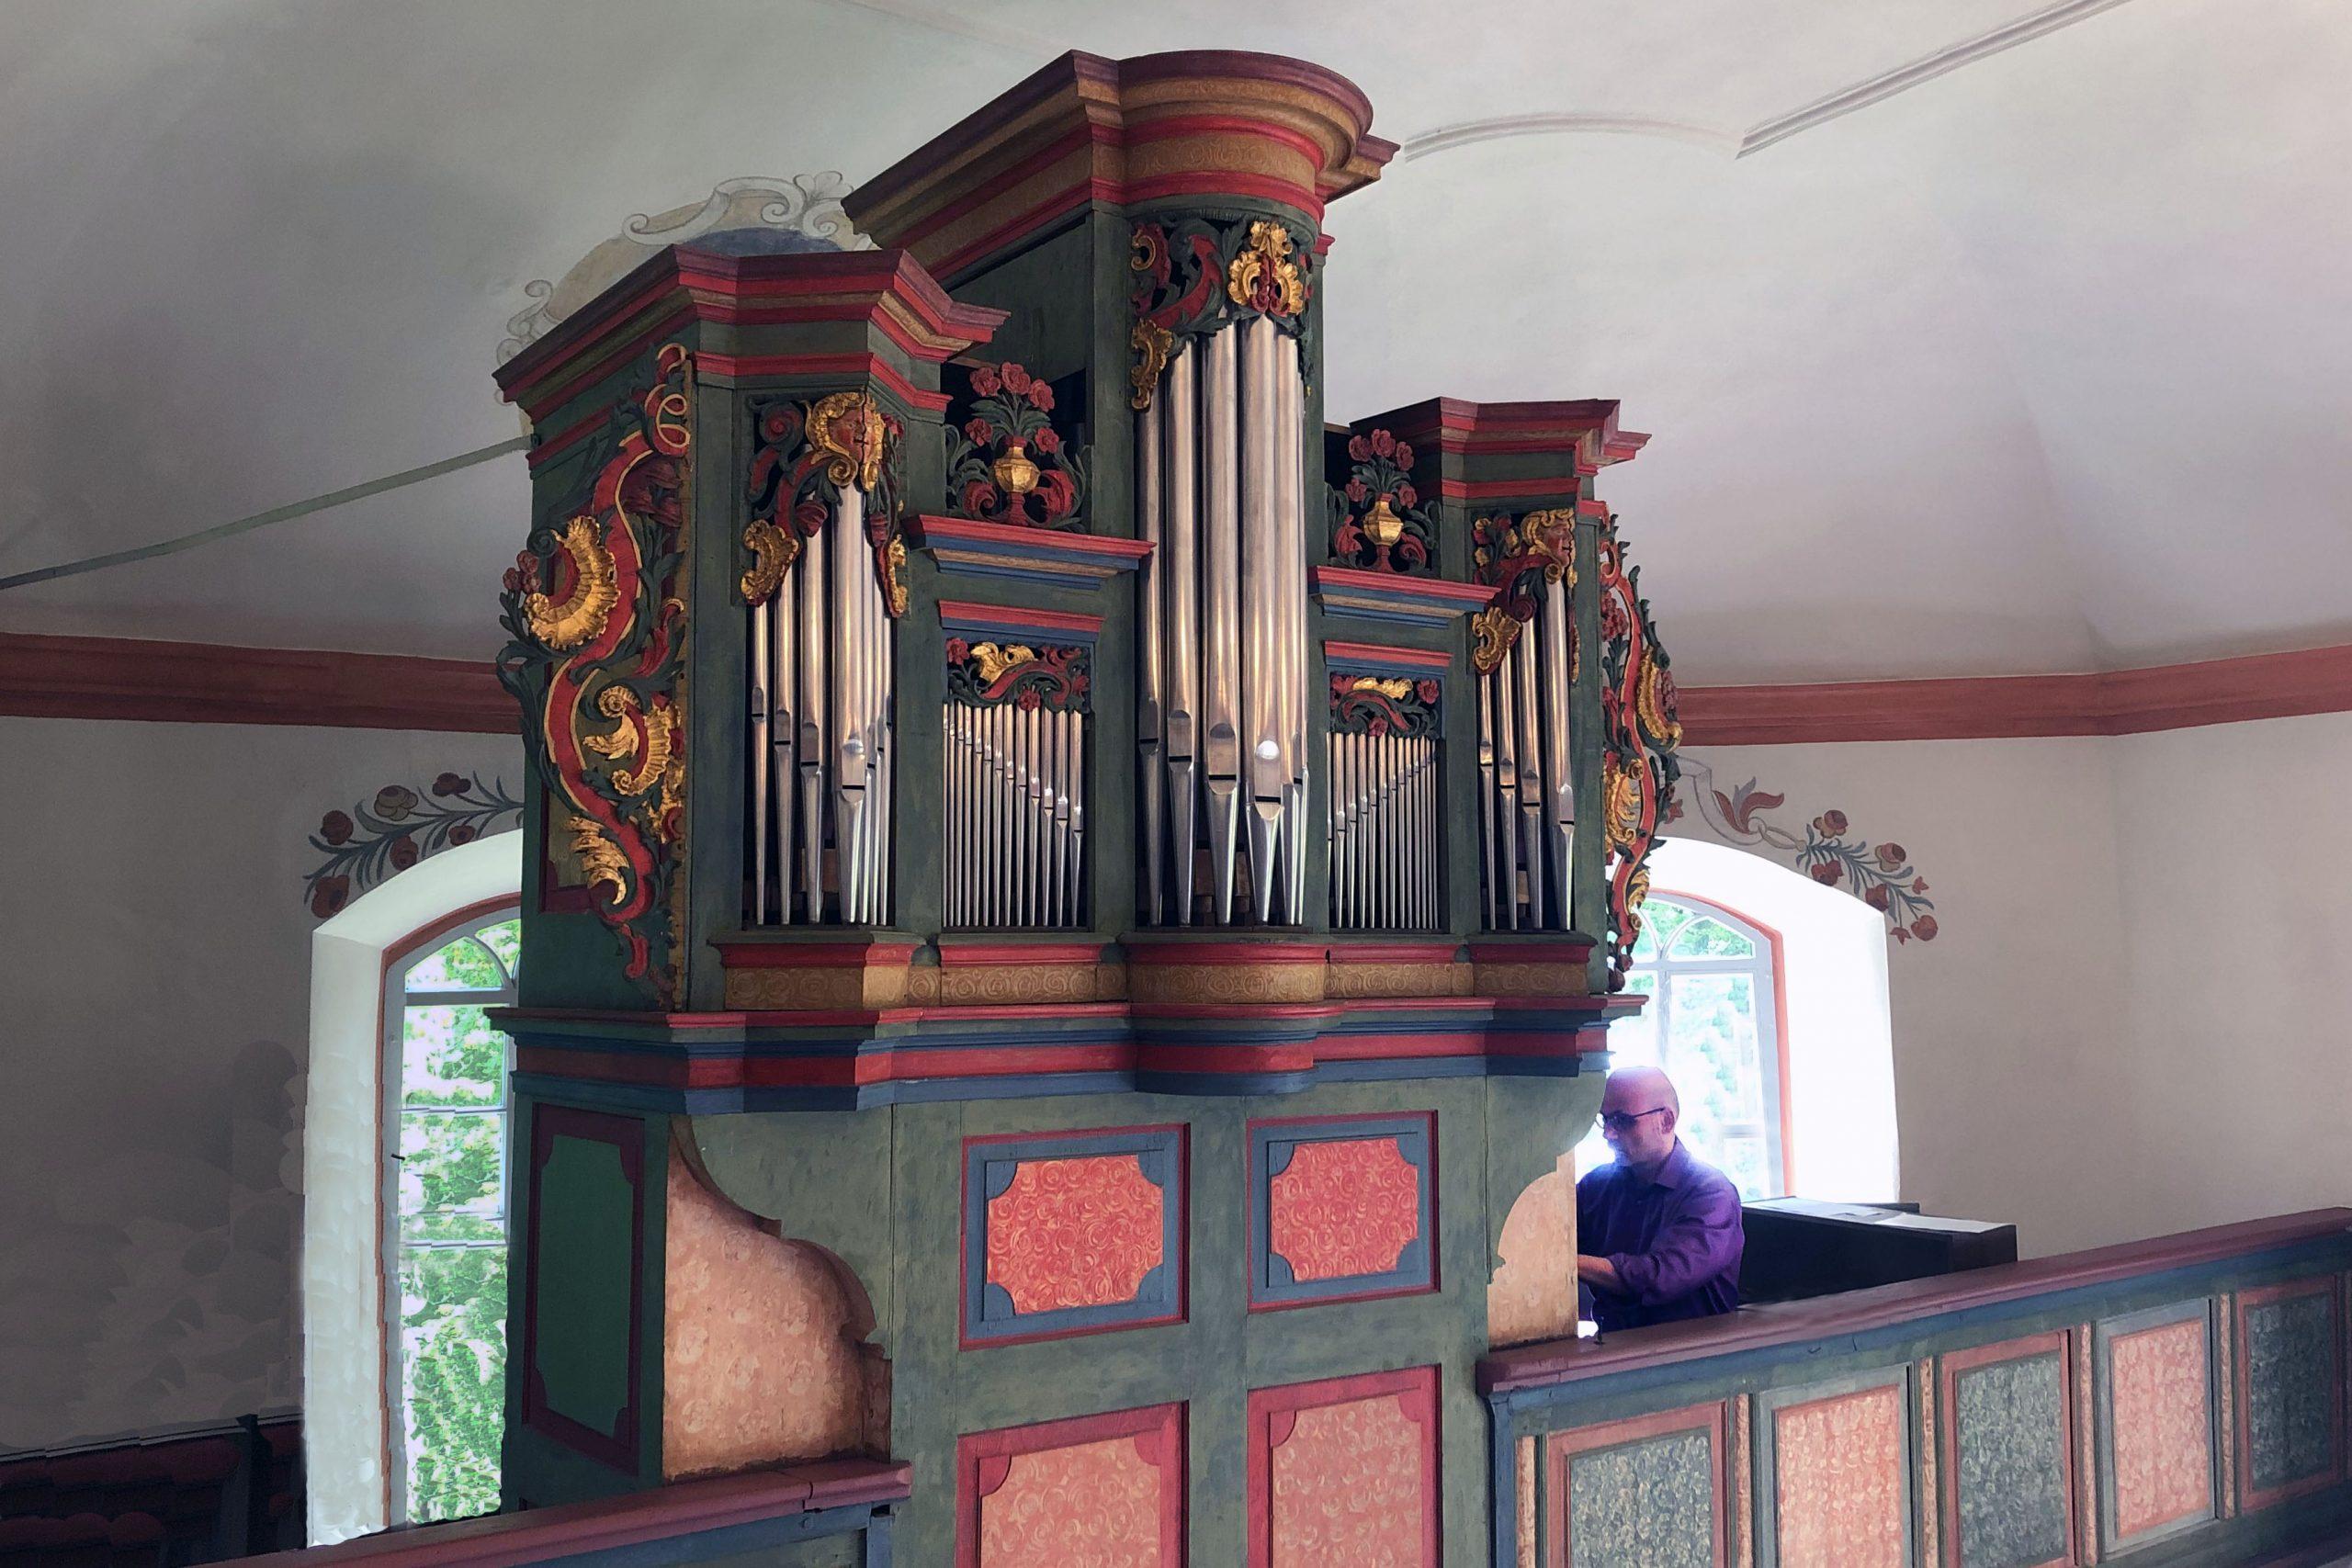 5. Stream Konzert – Orgelkonzert vom Altenberg